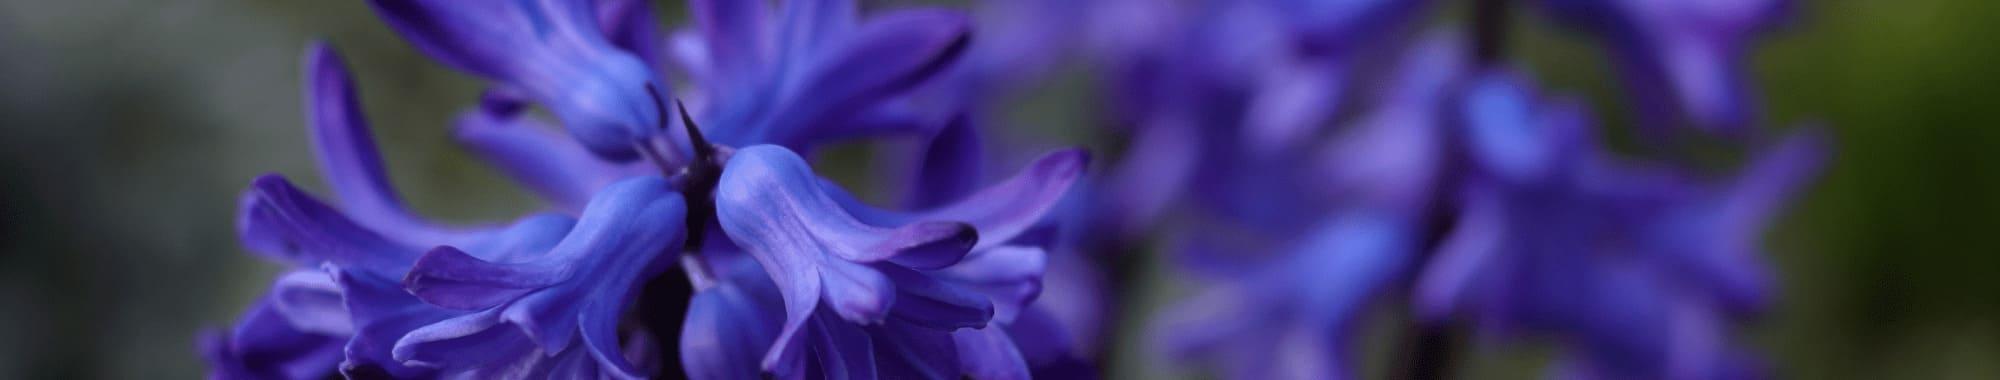 Hyacinth Reed Diffuser